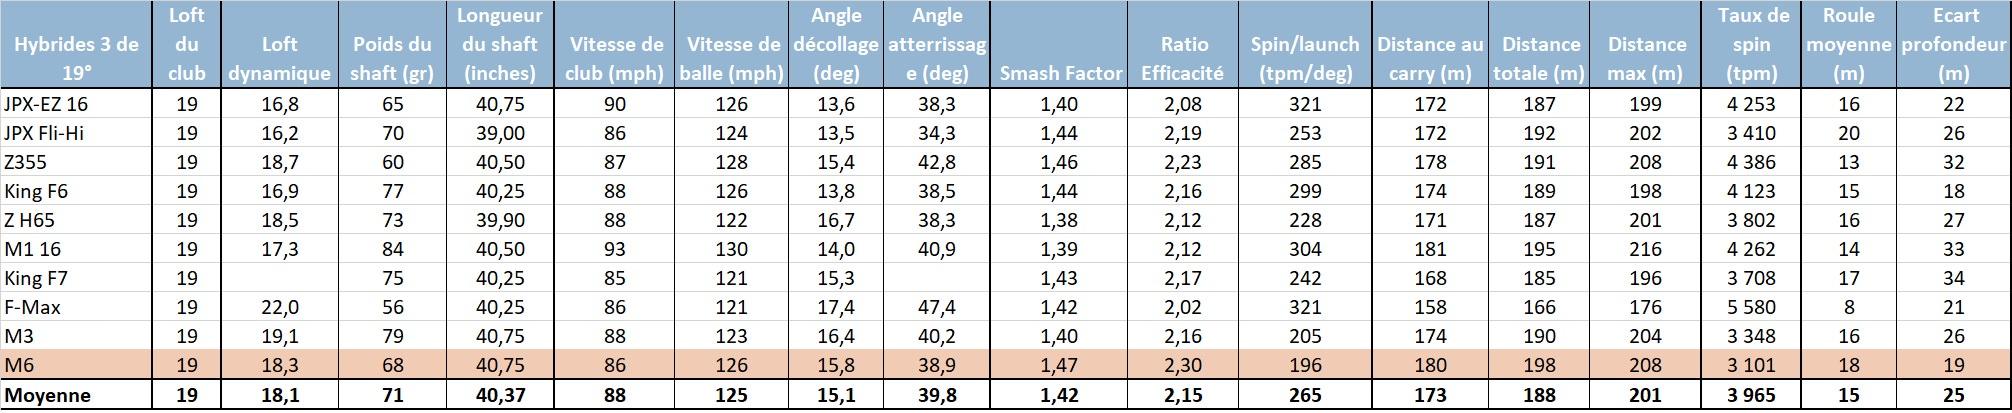 Comparaison des tests d'hybrides 3 de 19°